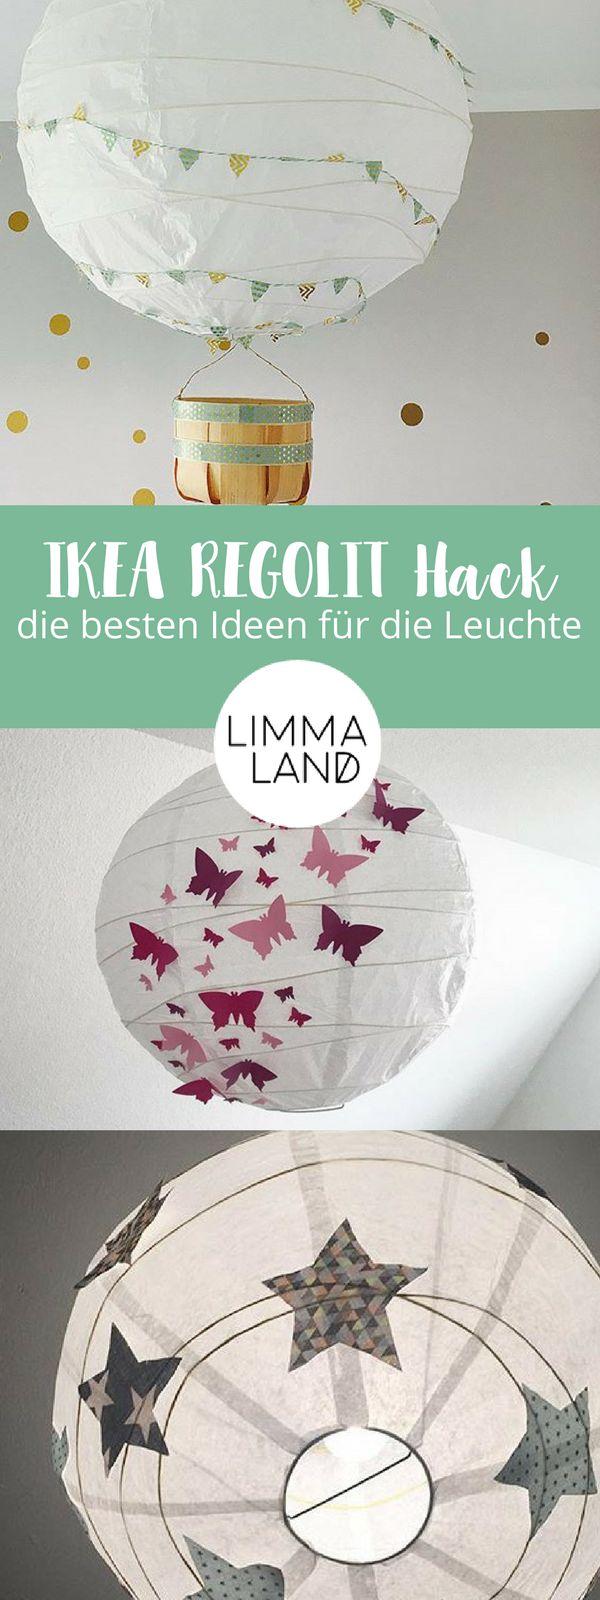 IKEA REGOLIT Hack – so schön kann die einfache Deckenleuchte sein – Antje Herrmann